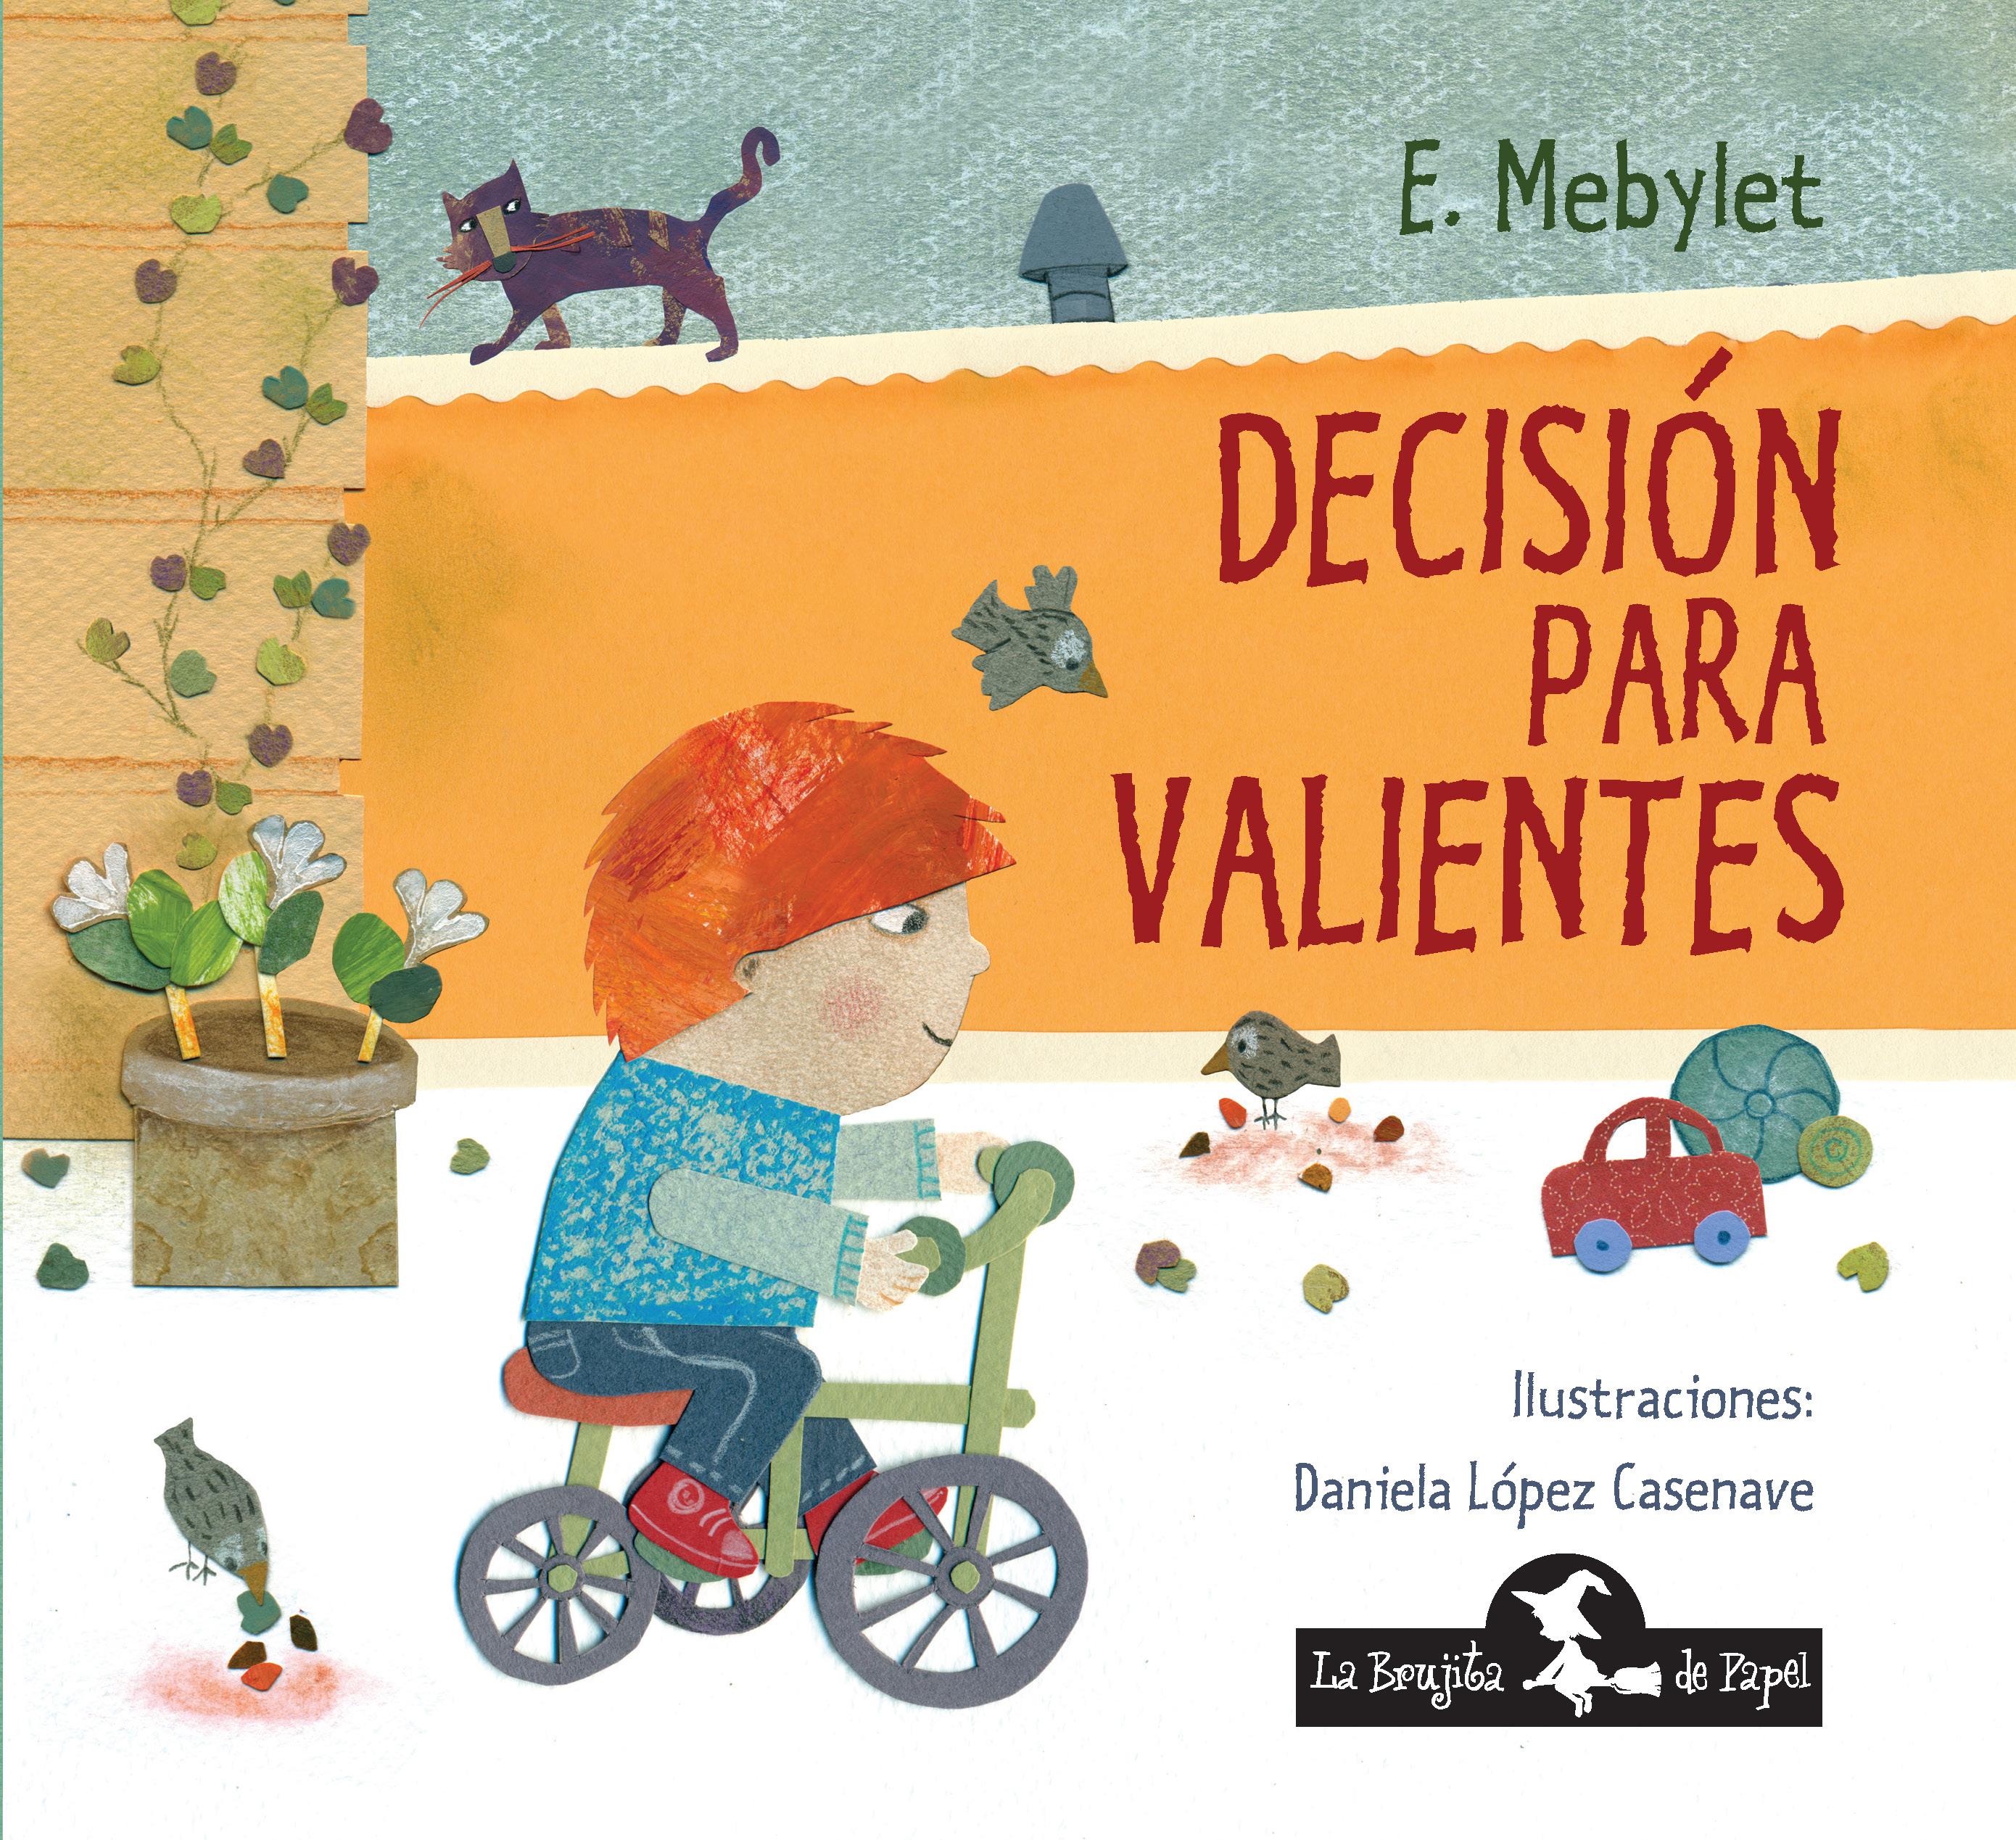 Decisión para valientes - Mebylet E.